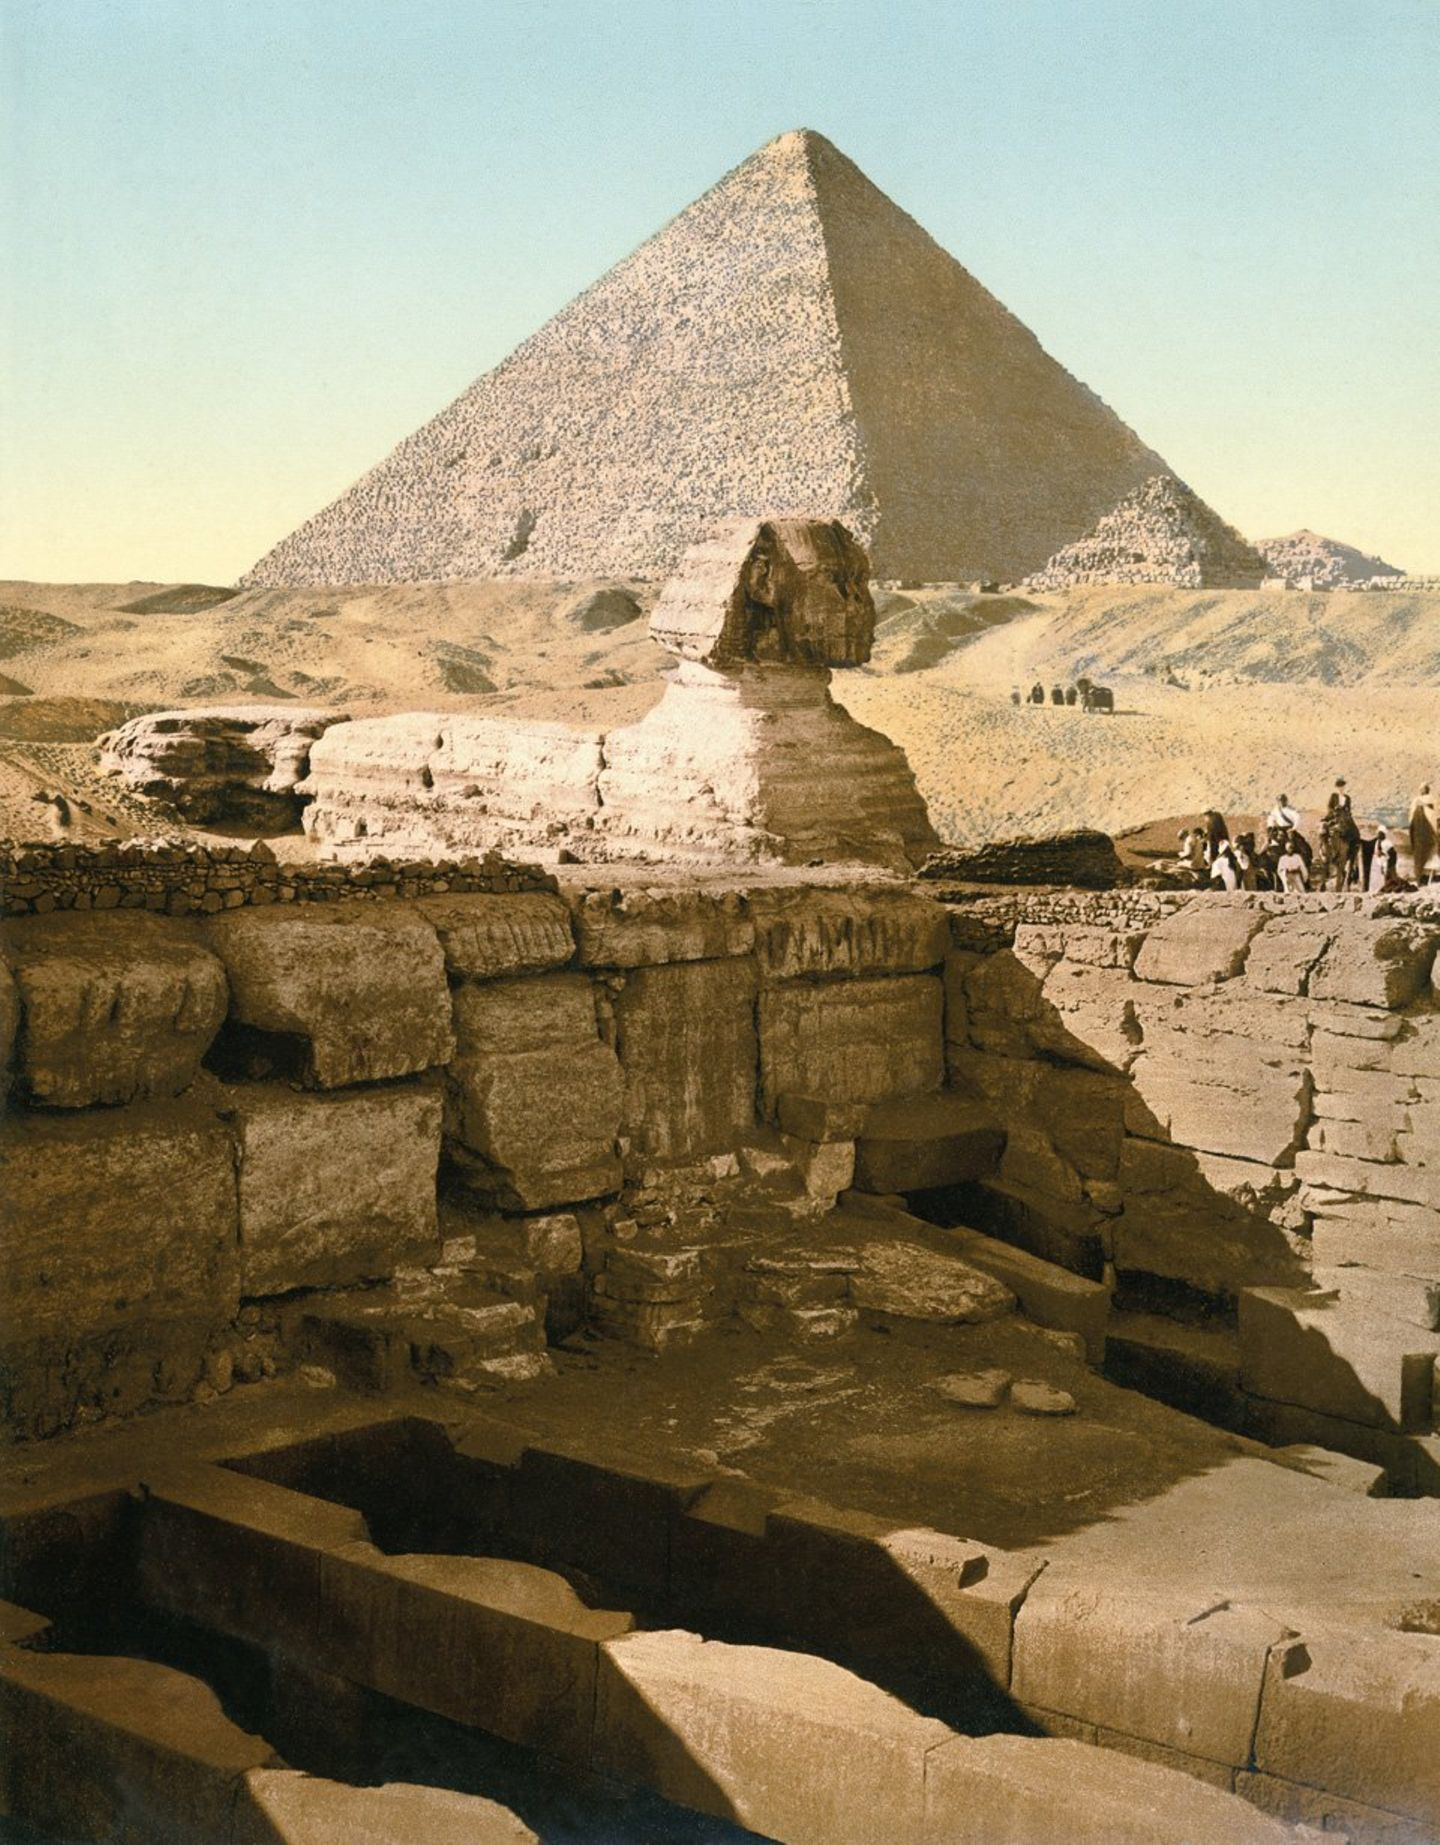 Der Sphinxtempel vor der Großen Pyramide in der Nähe von Kairo